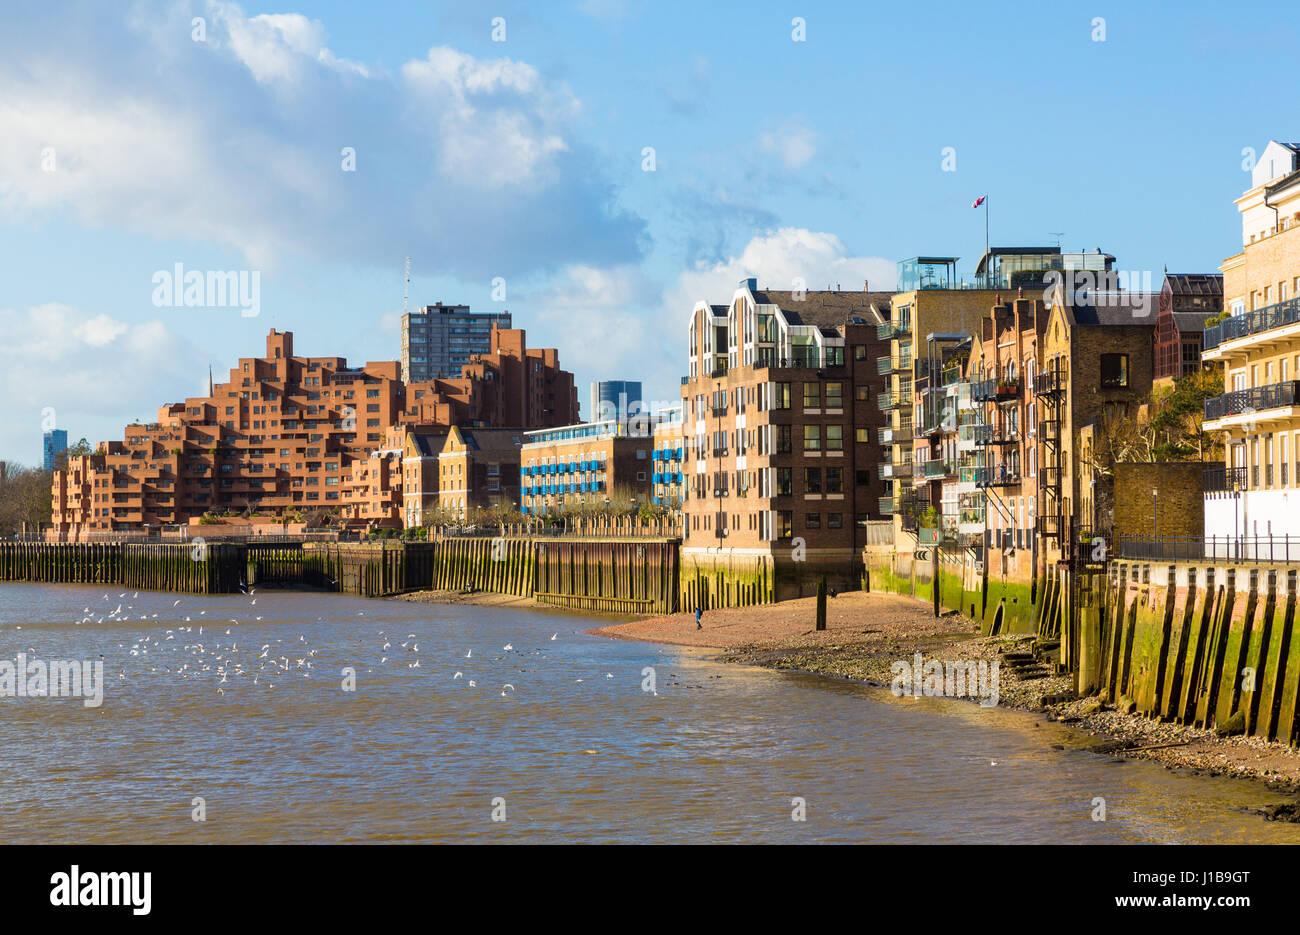 Appartement résidentiel bâtiments sur la Tamise à partir de Canary Wharf, les Docklands, Londres, Photo Stock